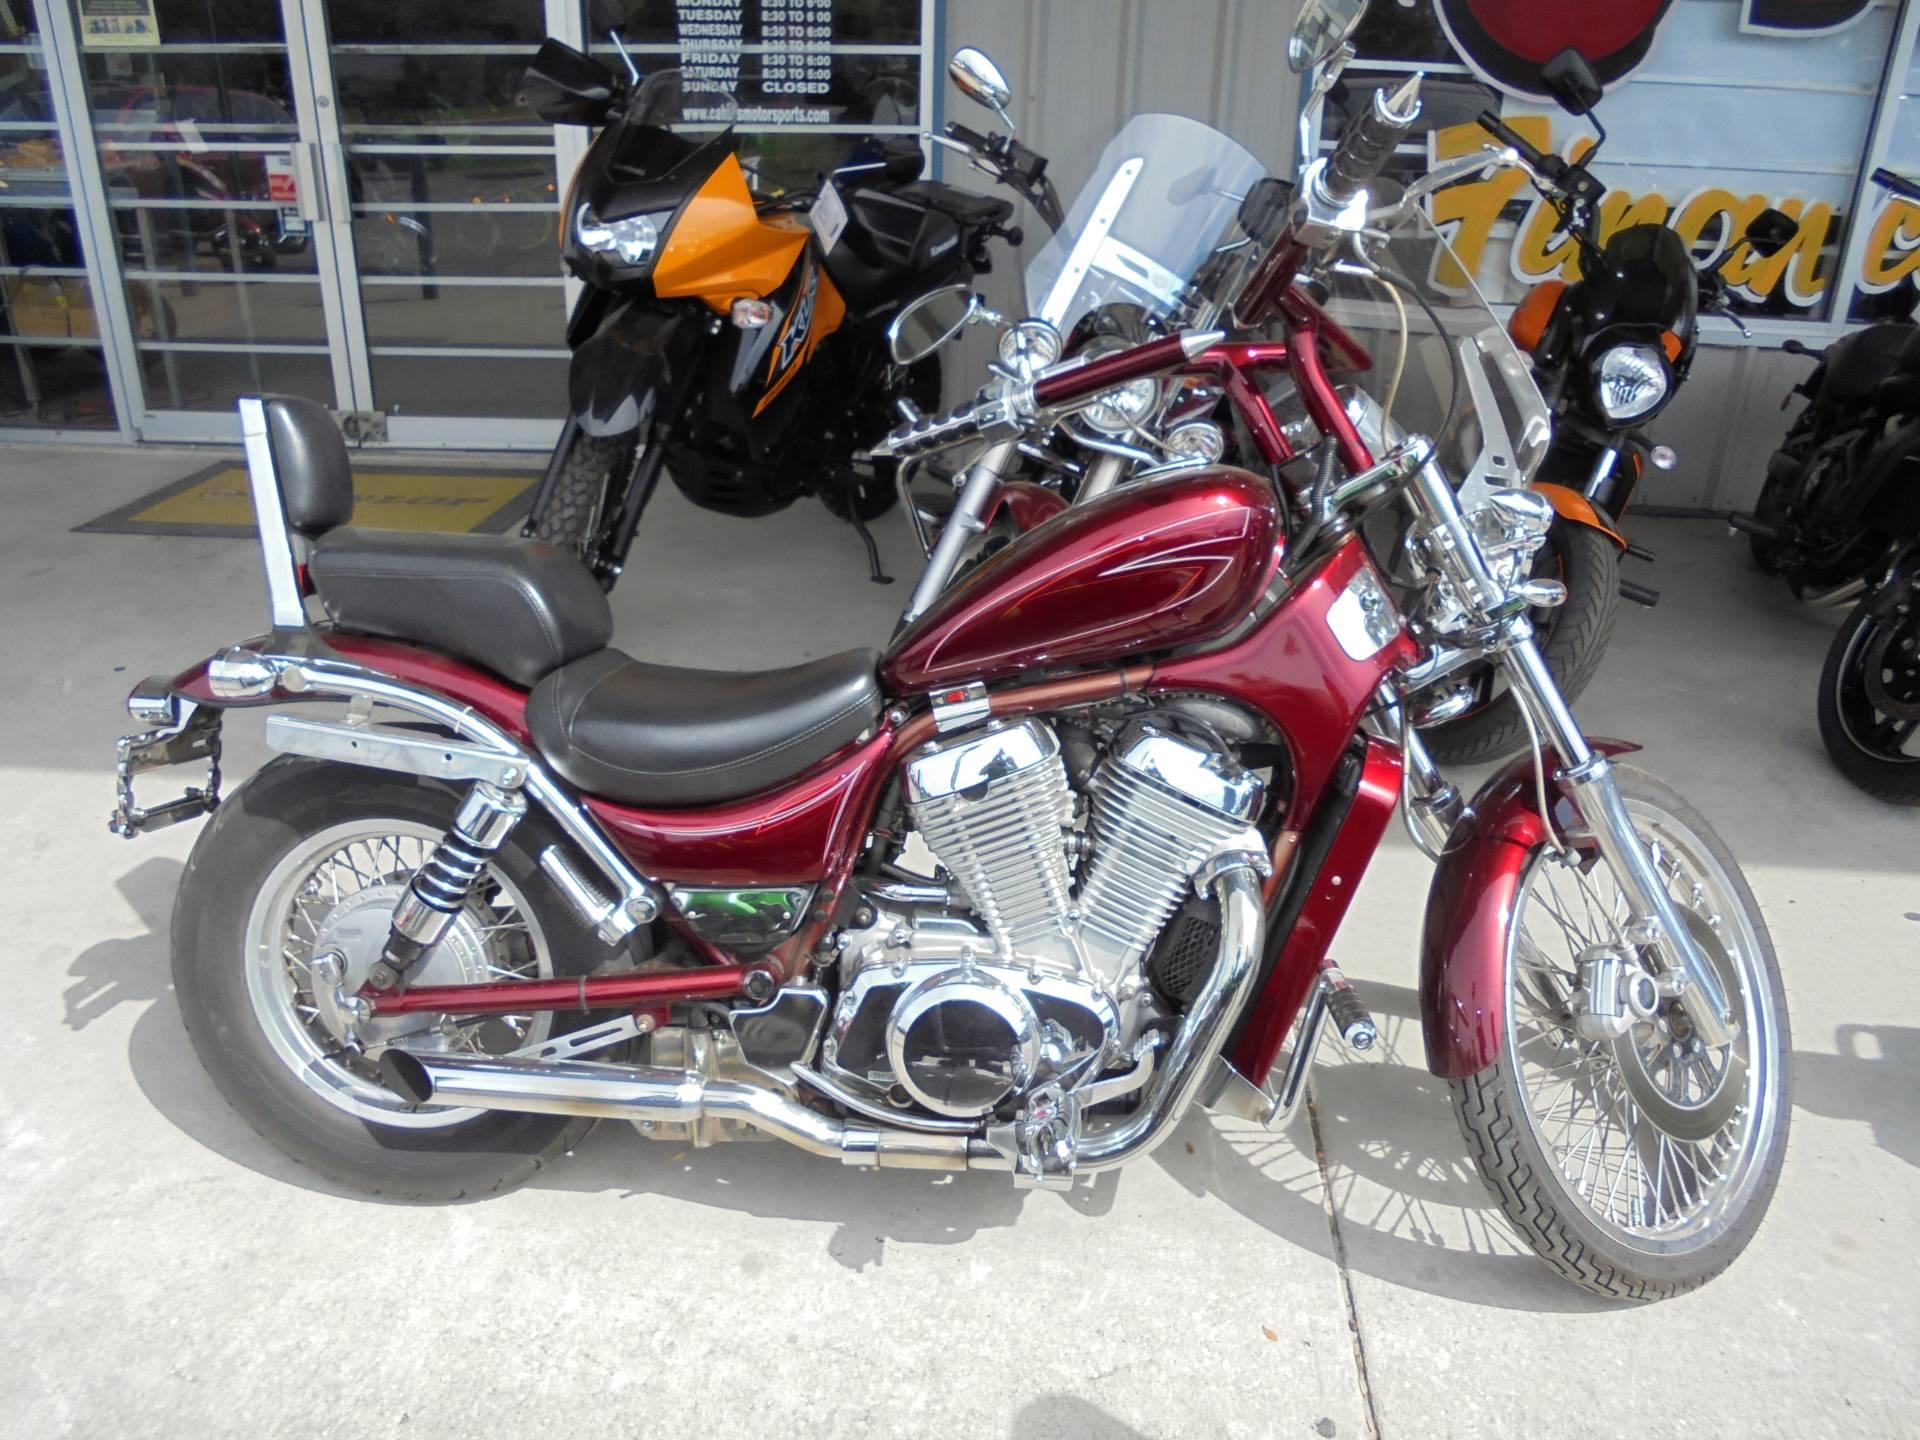 Used 1996 Suzuki Intruder 800 Red Motorcycles In Zephyrhills Fl